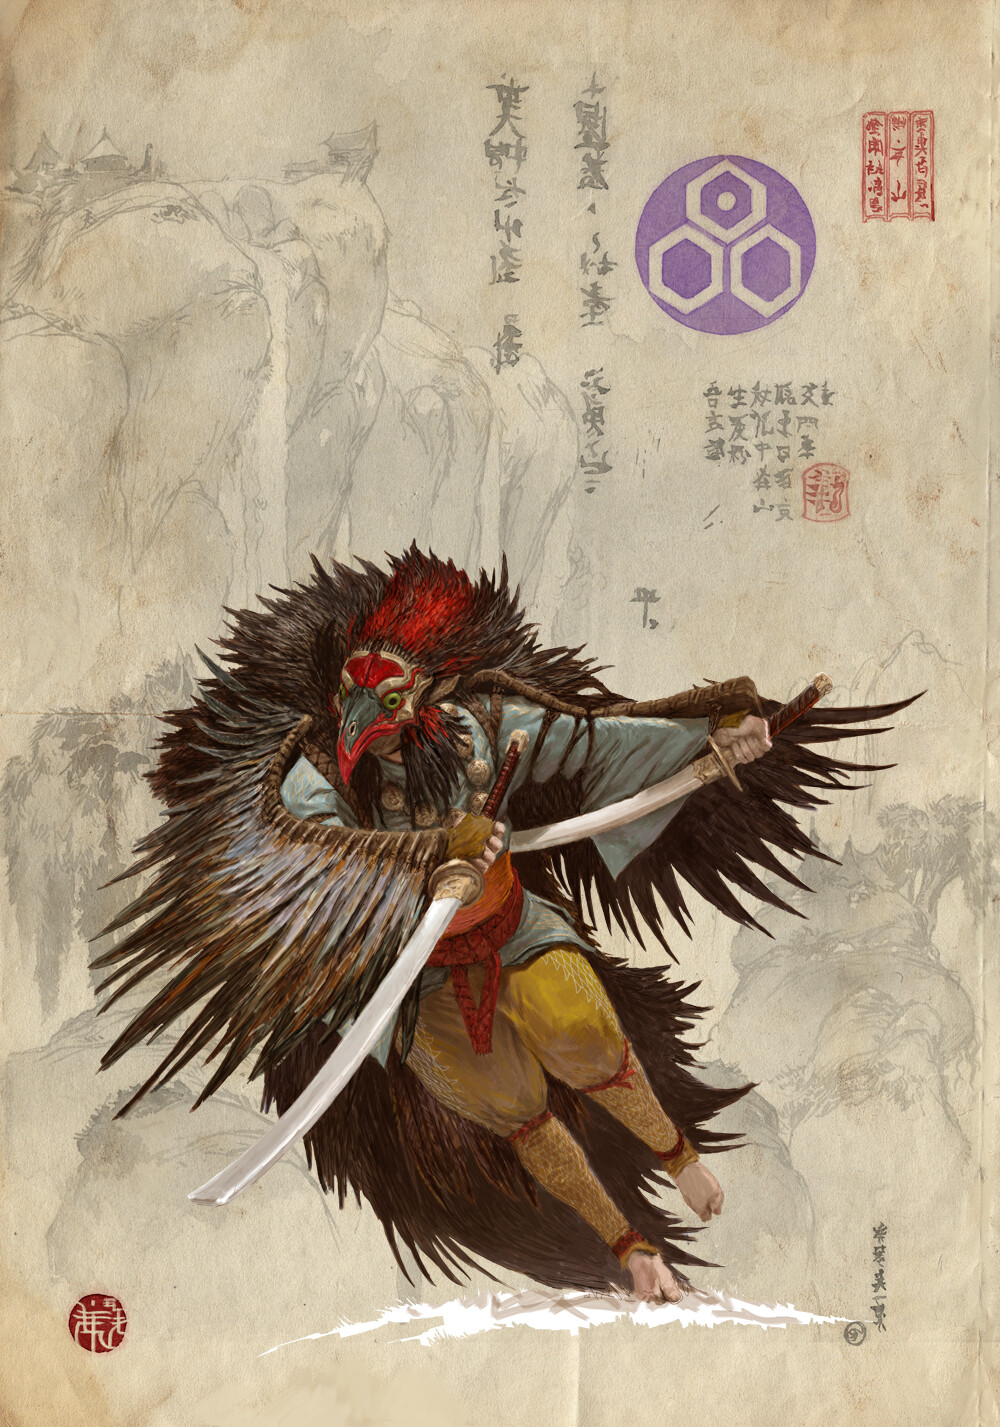 Adrian smith monk clan4